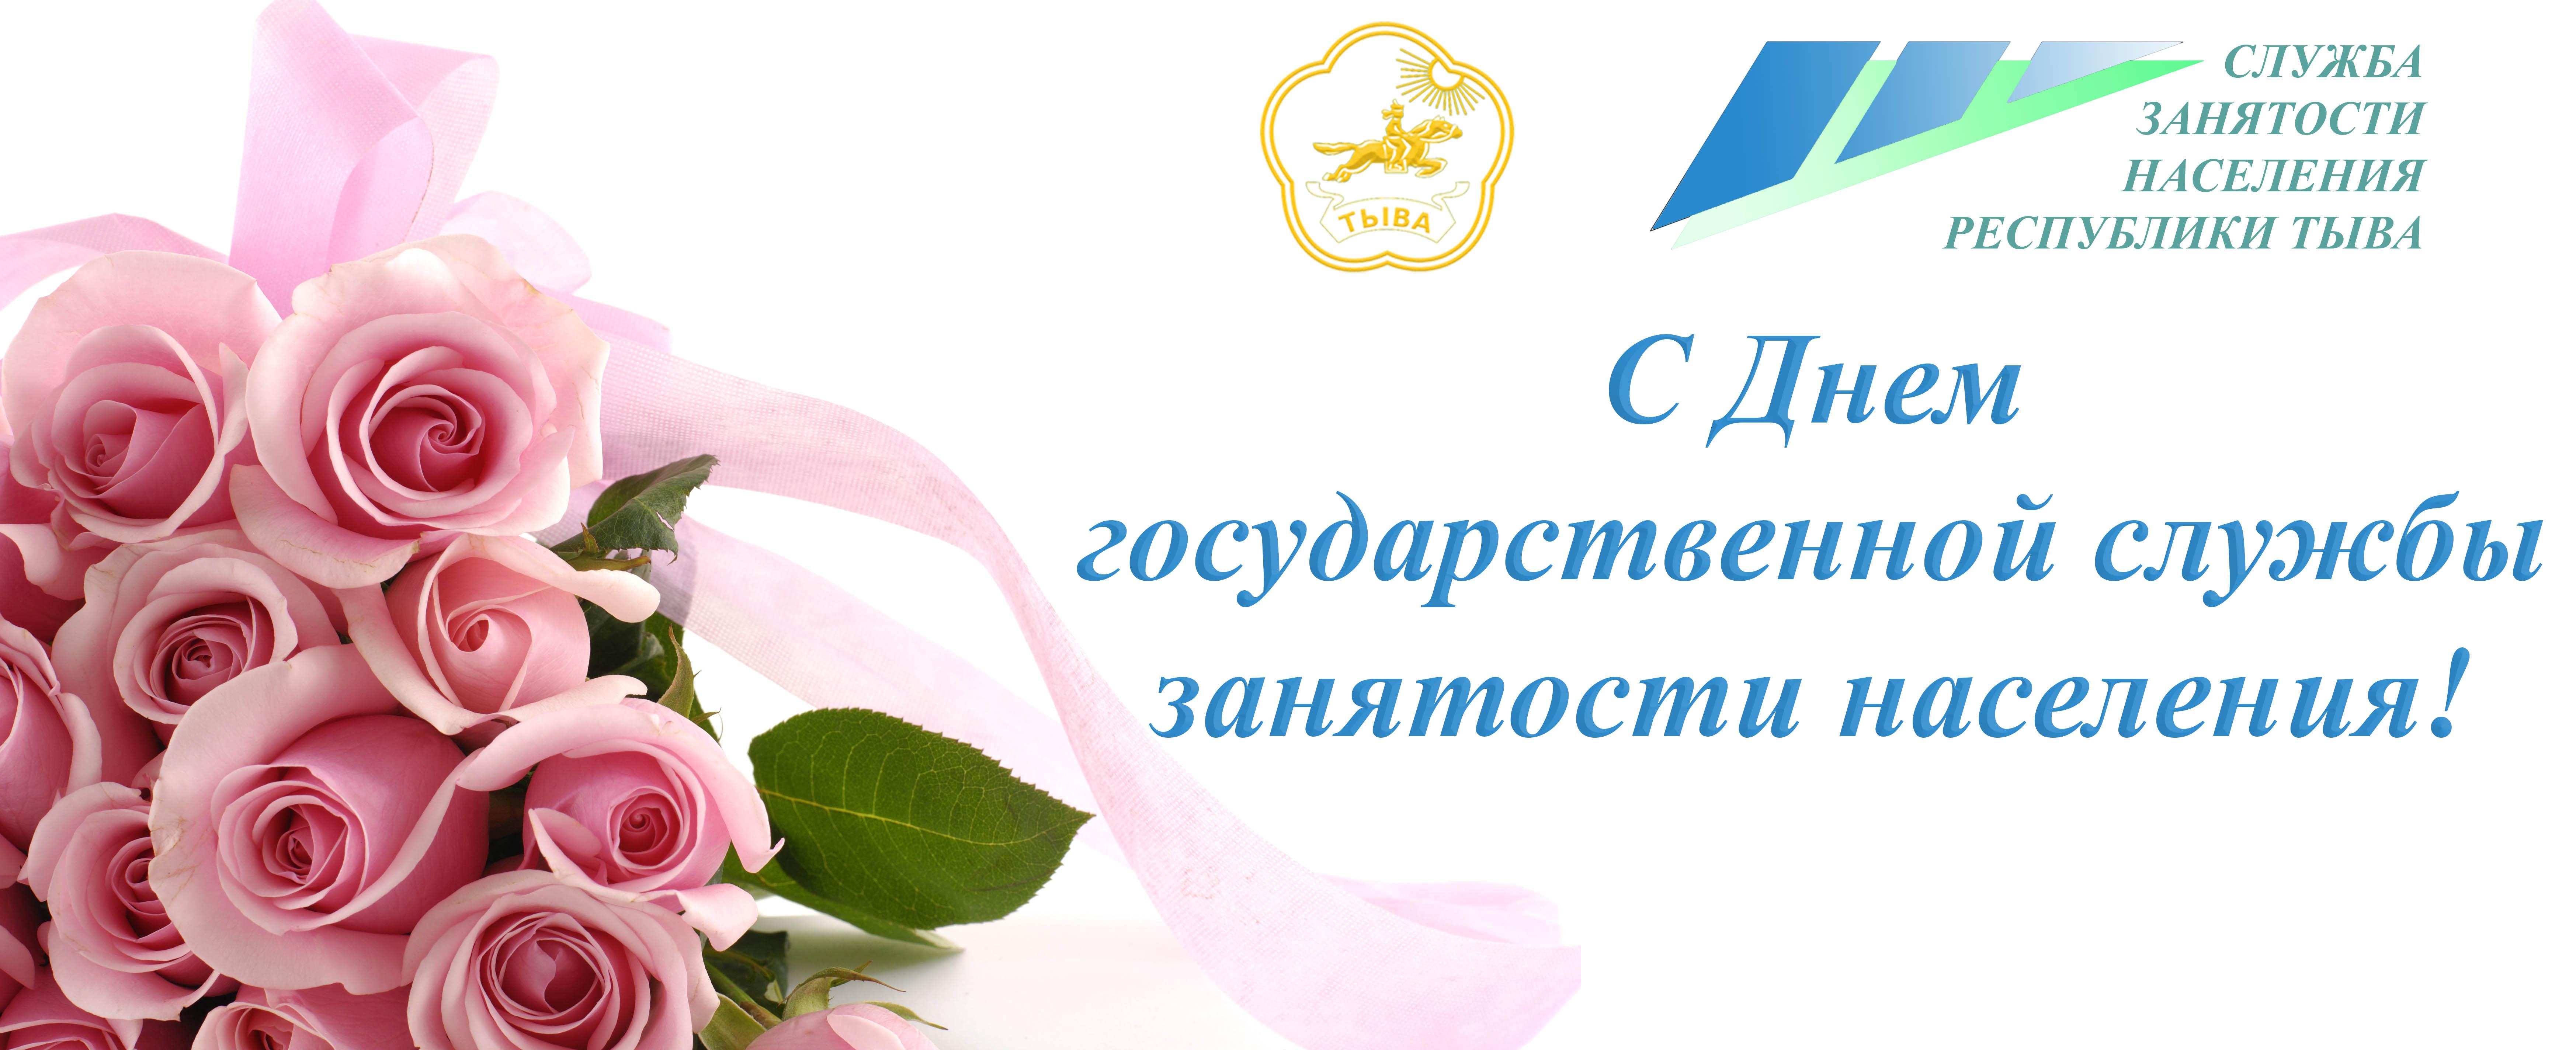 Поздравления день социальной службы фото 18